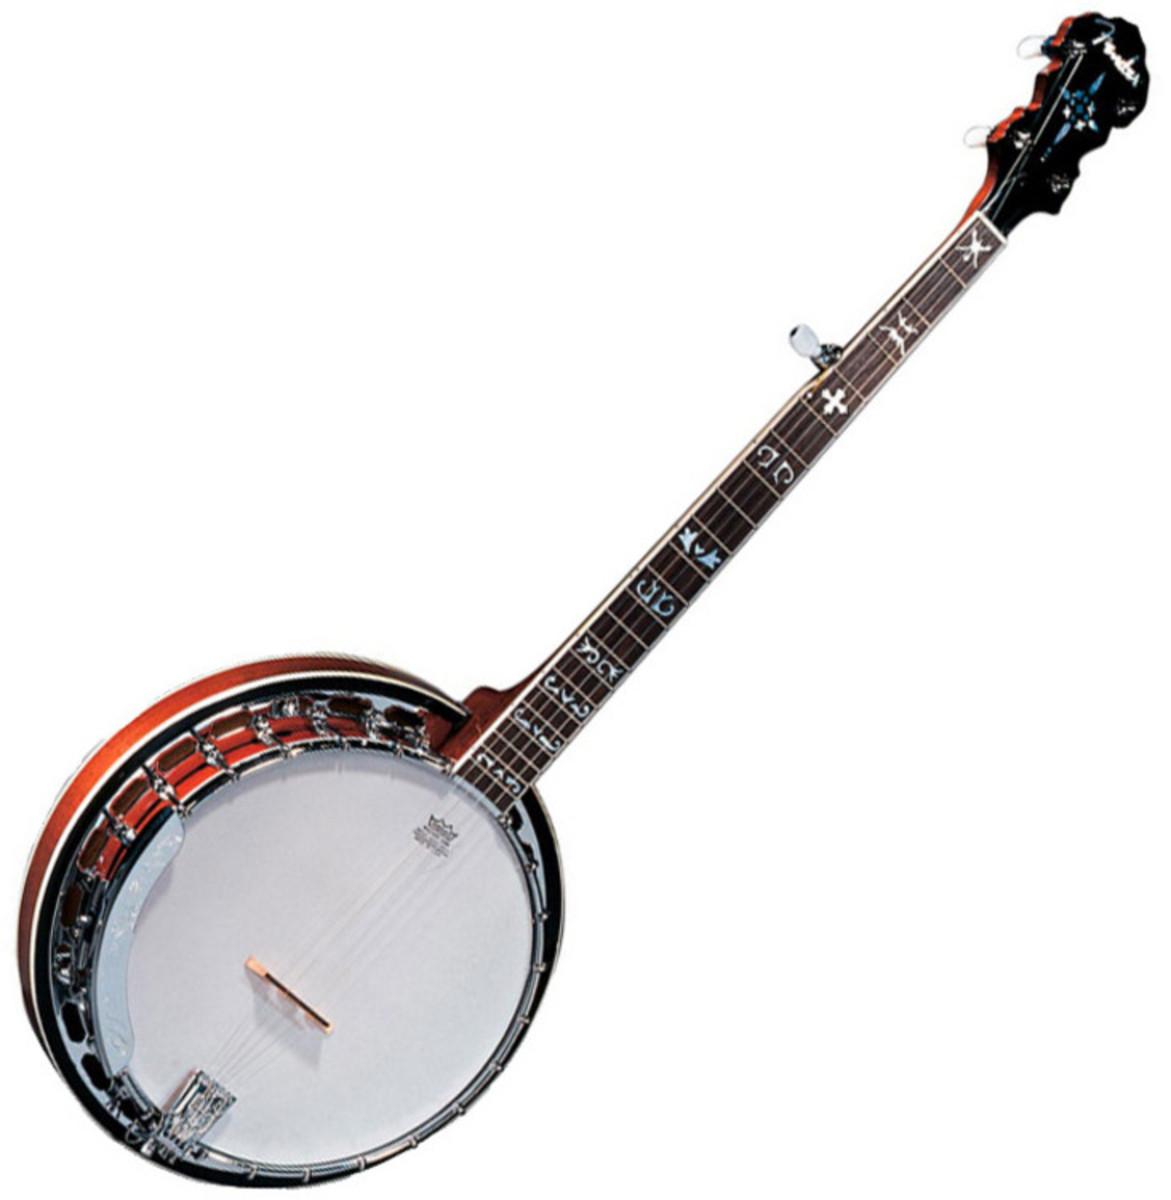 درباره ساز بانجو بیشتر بدانید،تاریخچه، نوازنده ها، سبک ها و انواع ساز بانجو